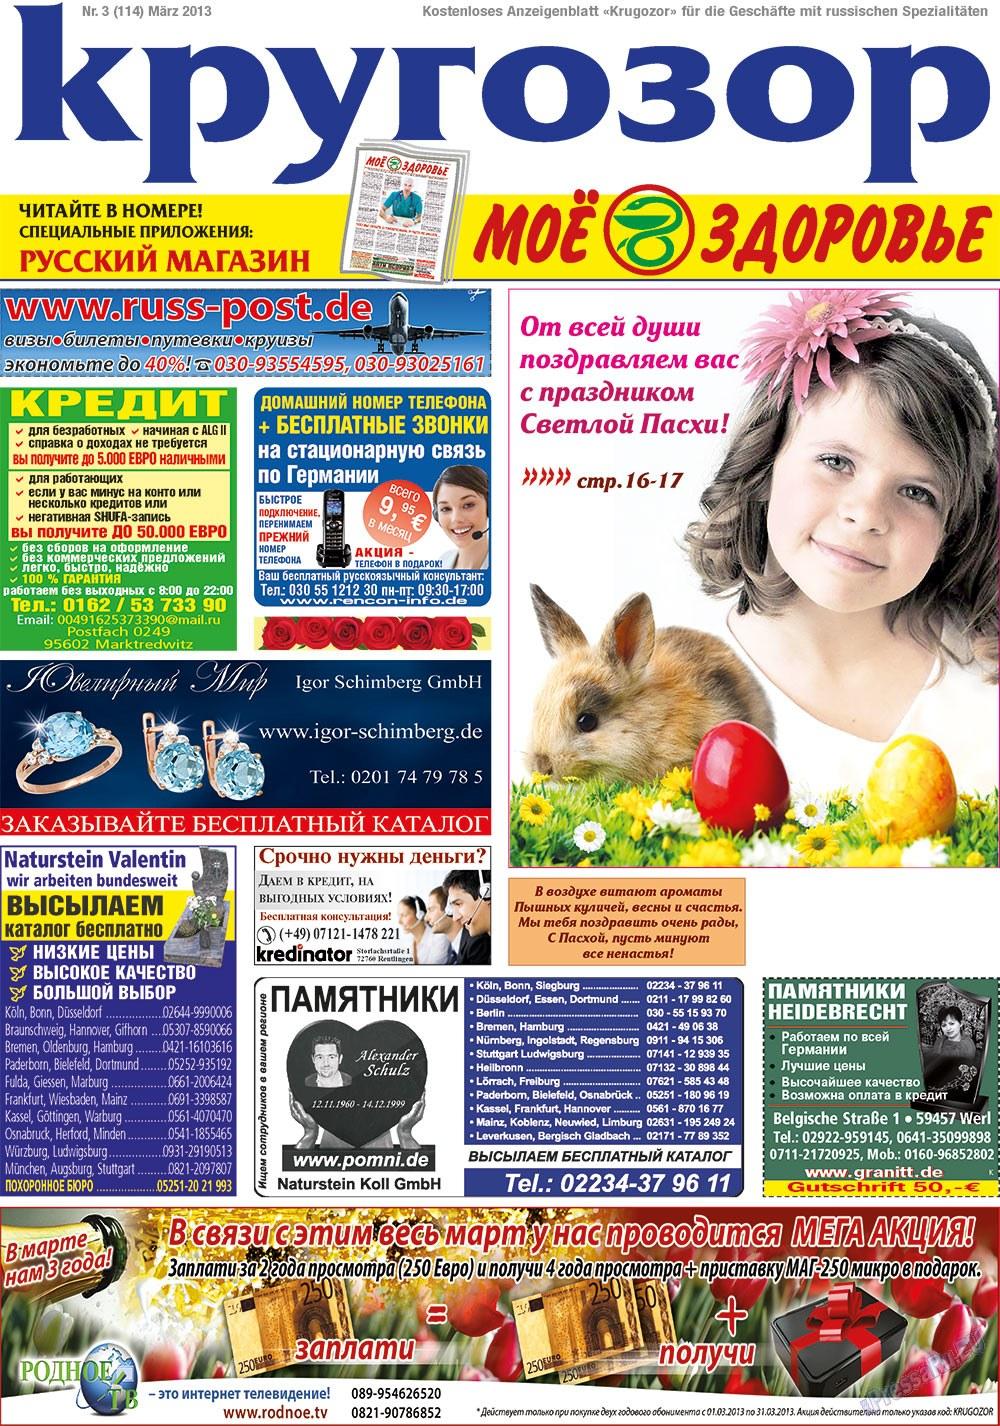 Кругозор (газета). 2013 год, номер 3, стр. 1